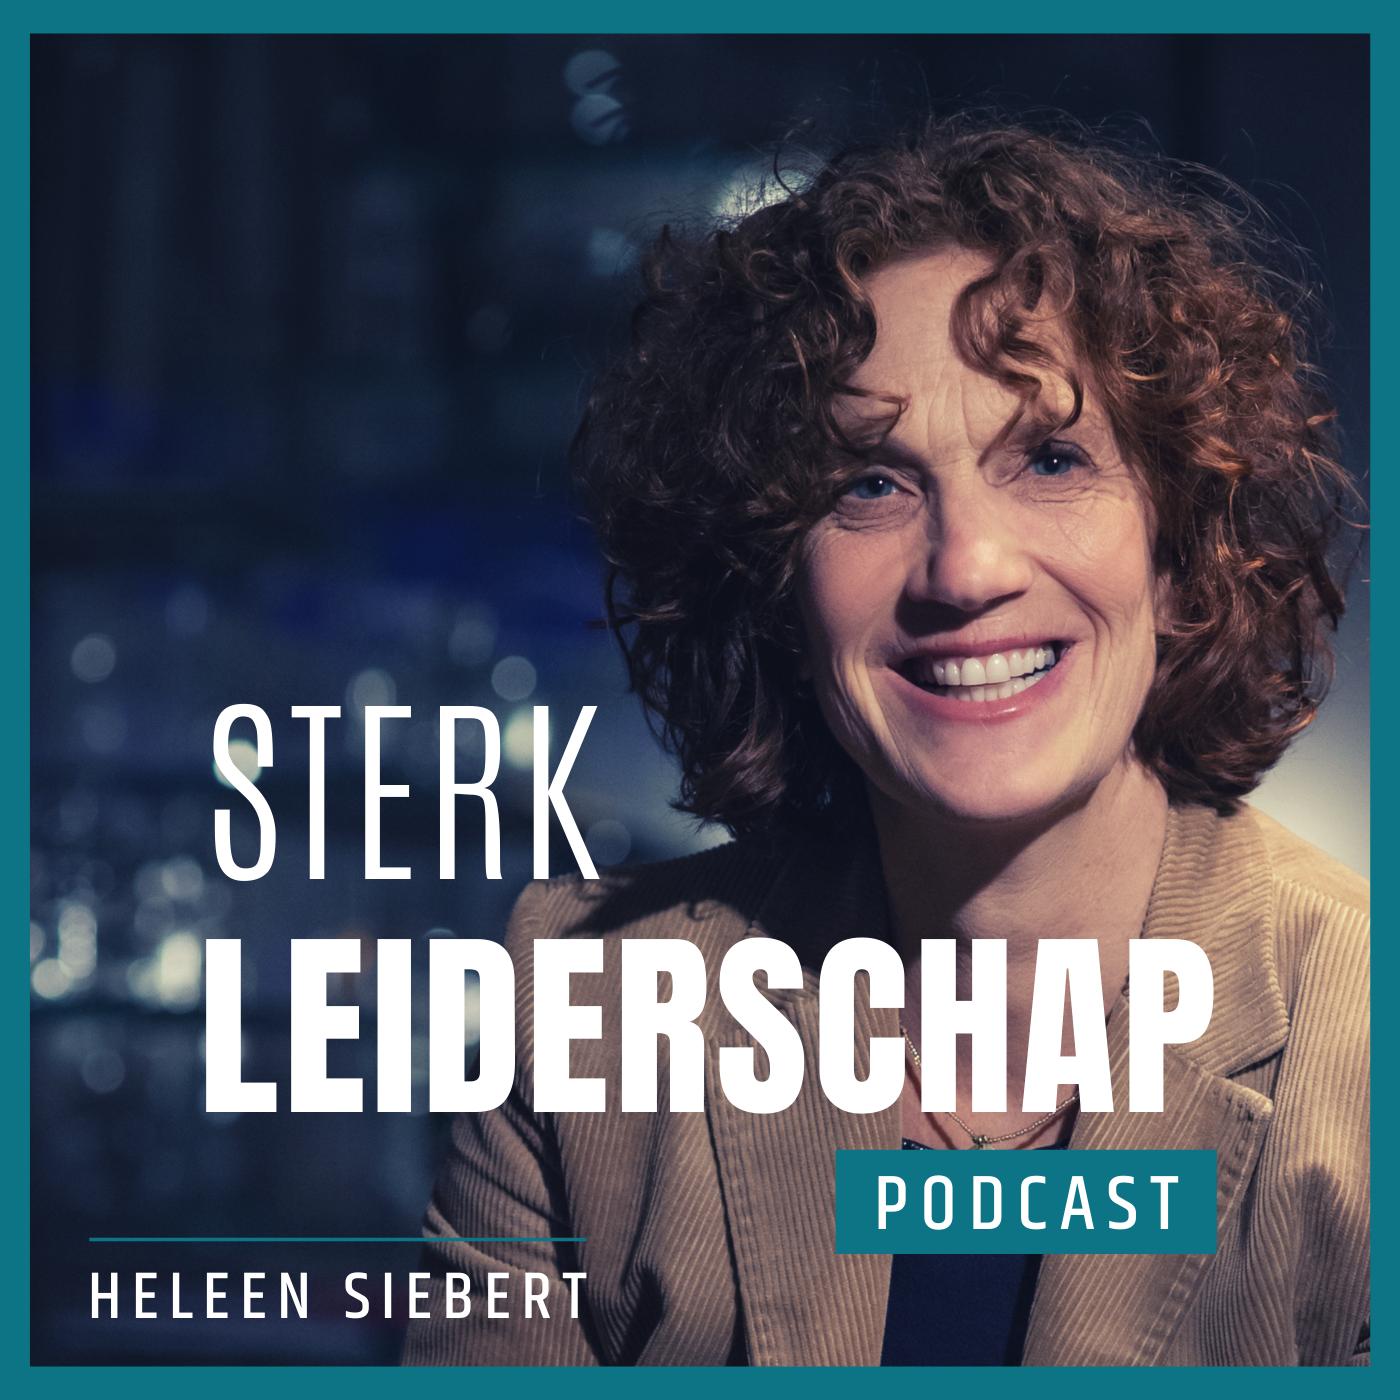 Sterk Leiderschap podcast logo